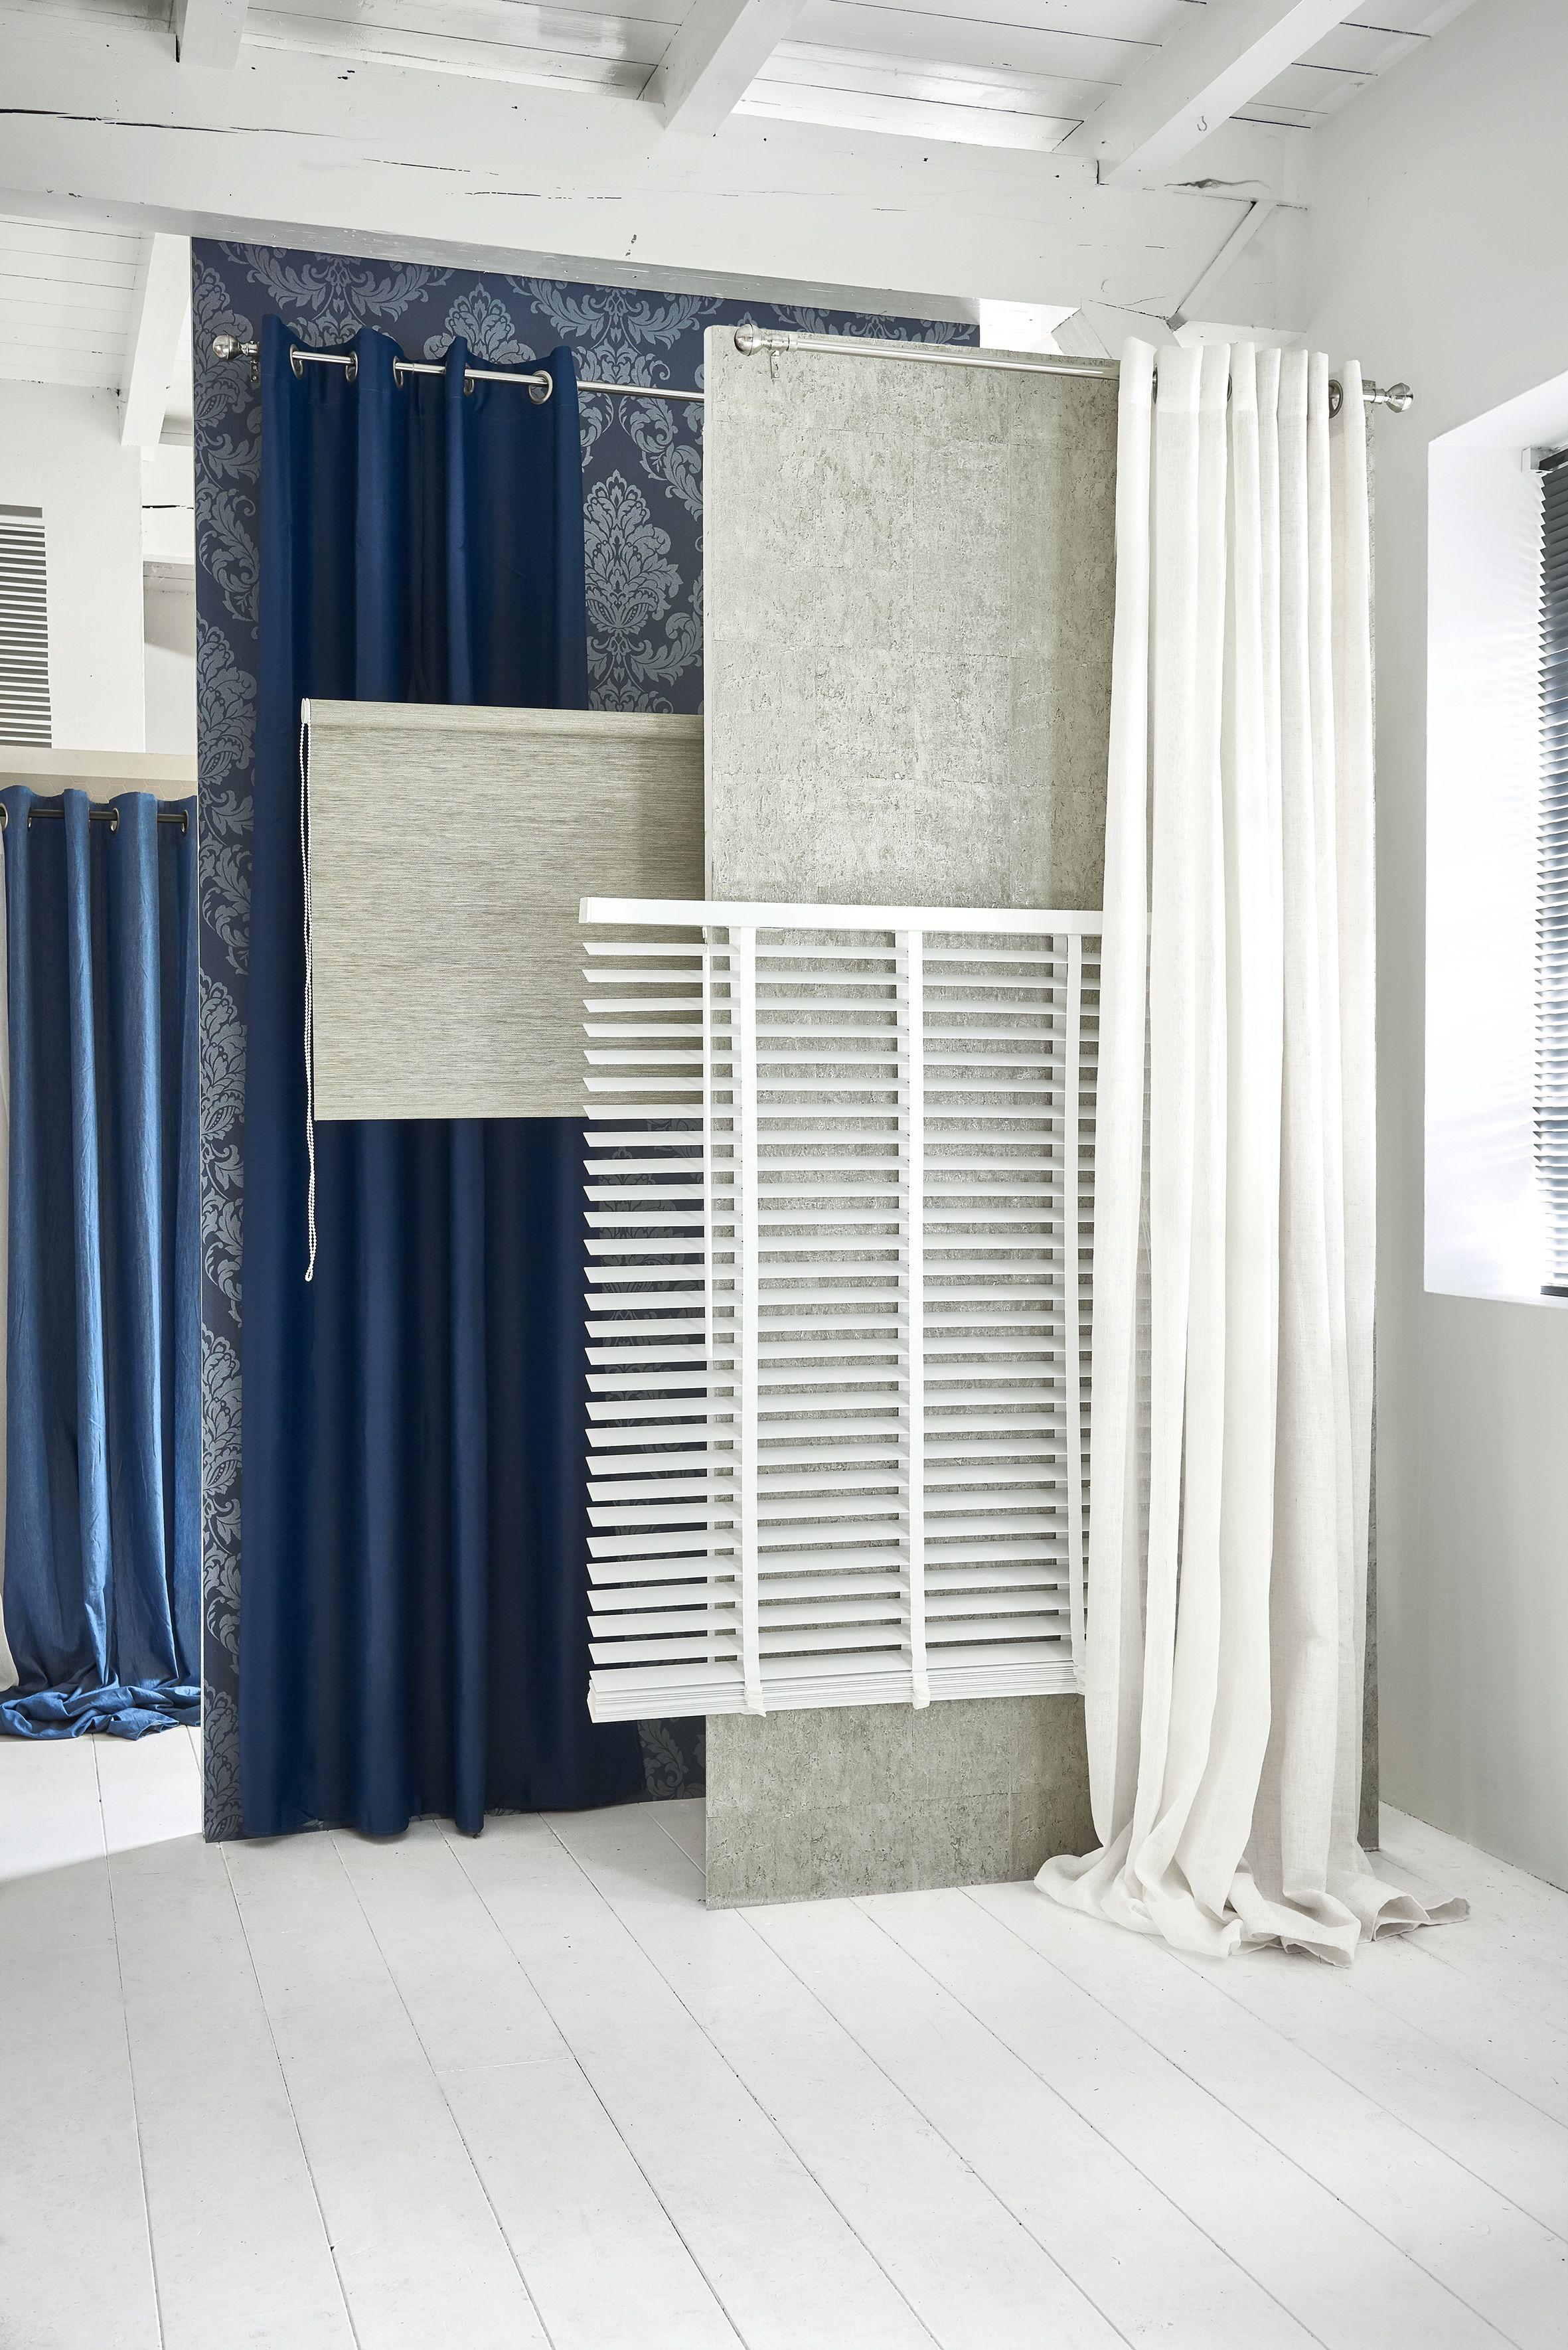 Praxis | Bekijk ons diverse raamdecoratie assortiment ...